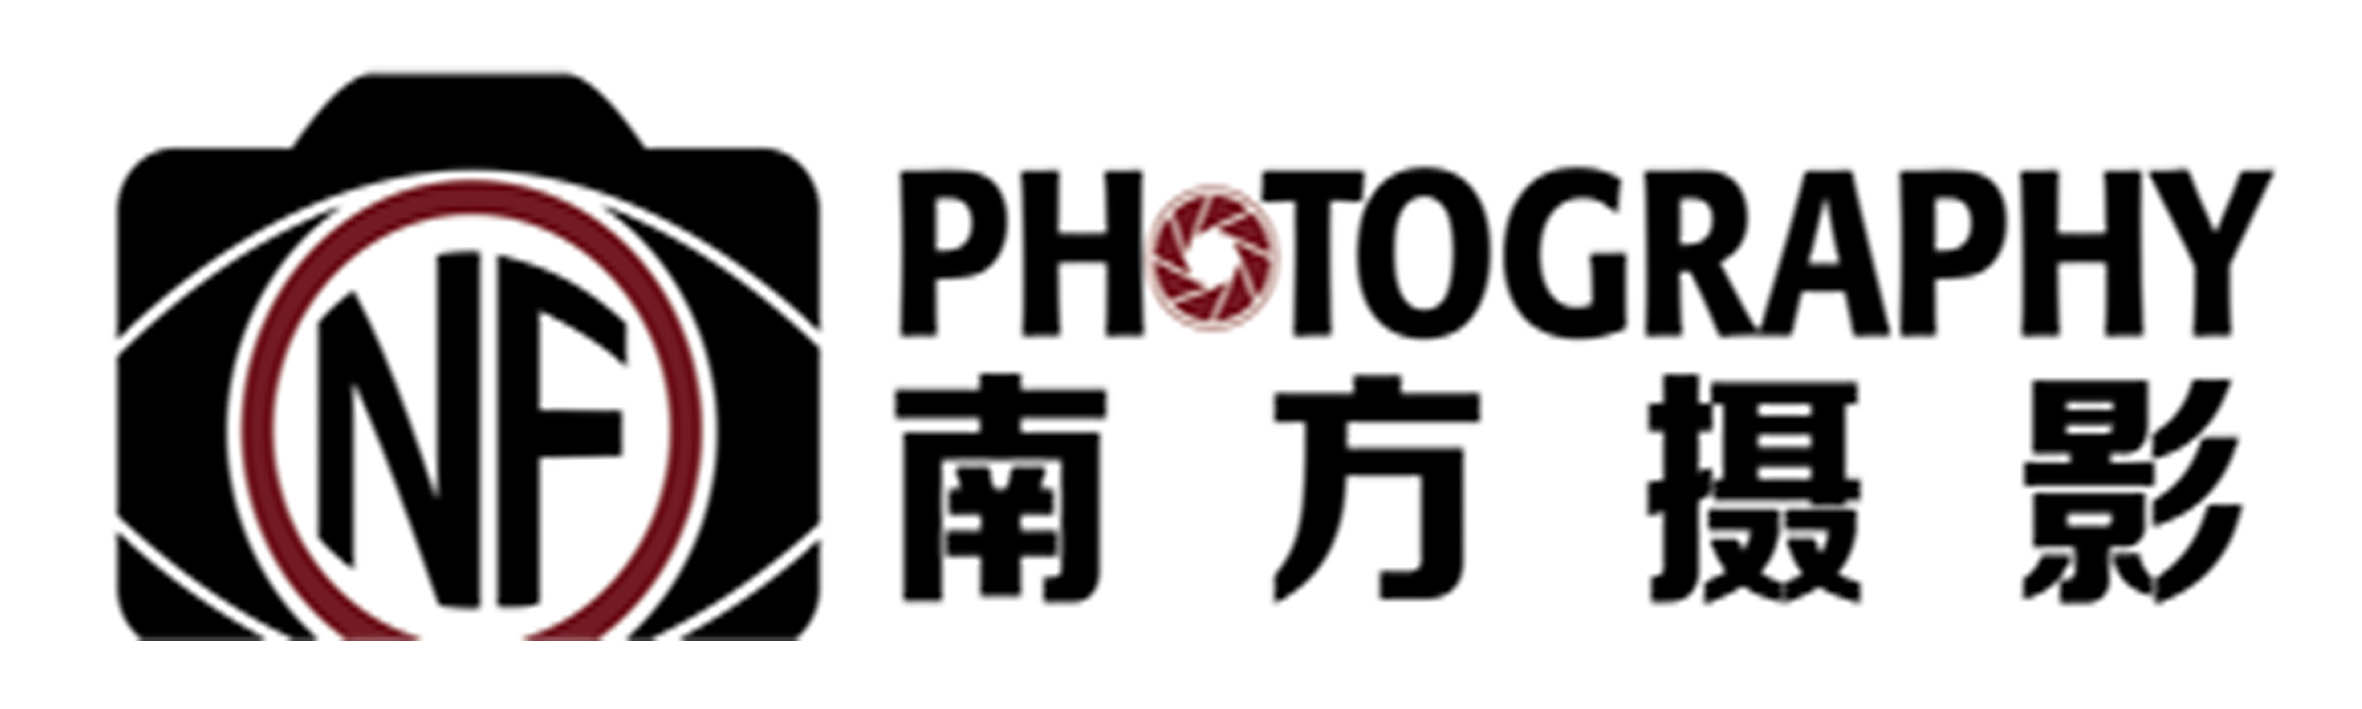 镇雄南方摄影工作室